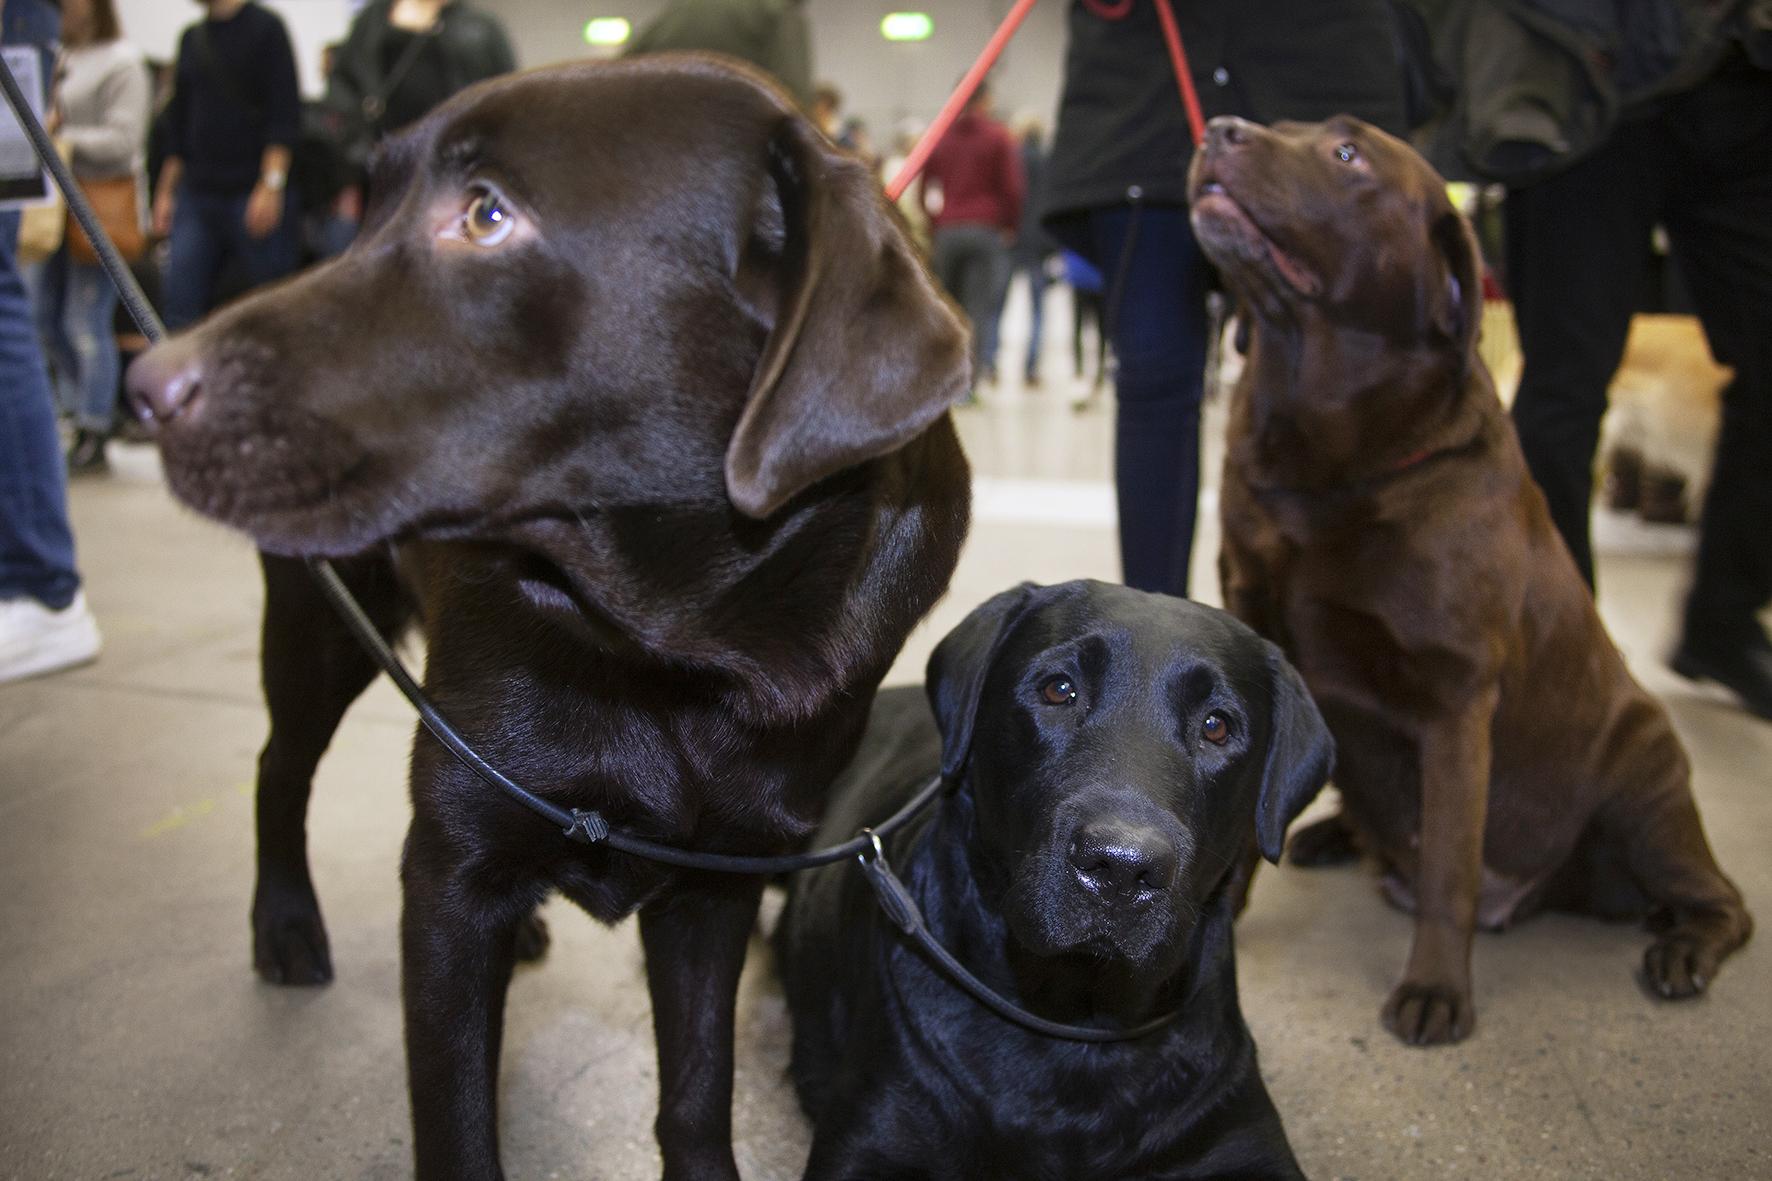 Tidningen Hundetablissemanget har nyss publicerat en artikel med Labradorkunniga personer som svarar på varför de gillar rasen. Läs artikeln genom att klicka på bilden.